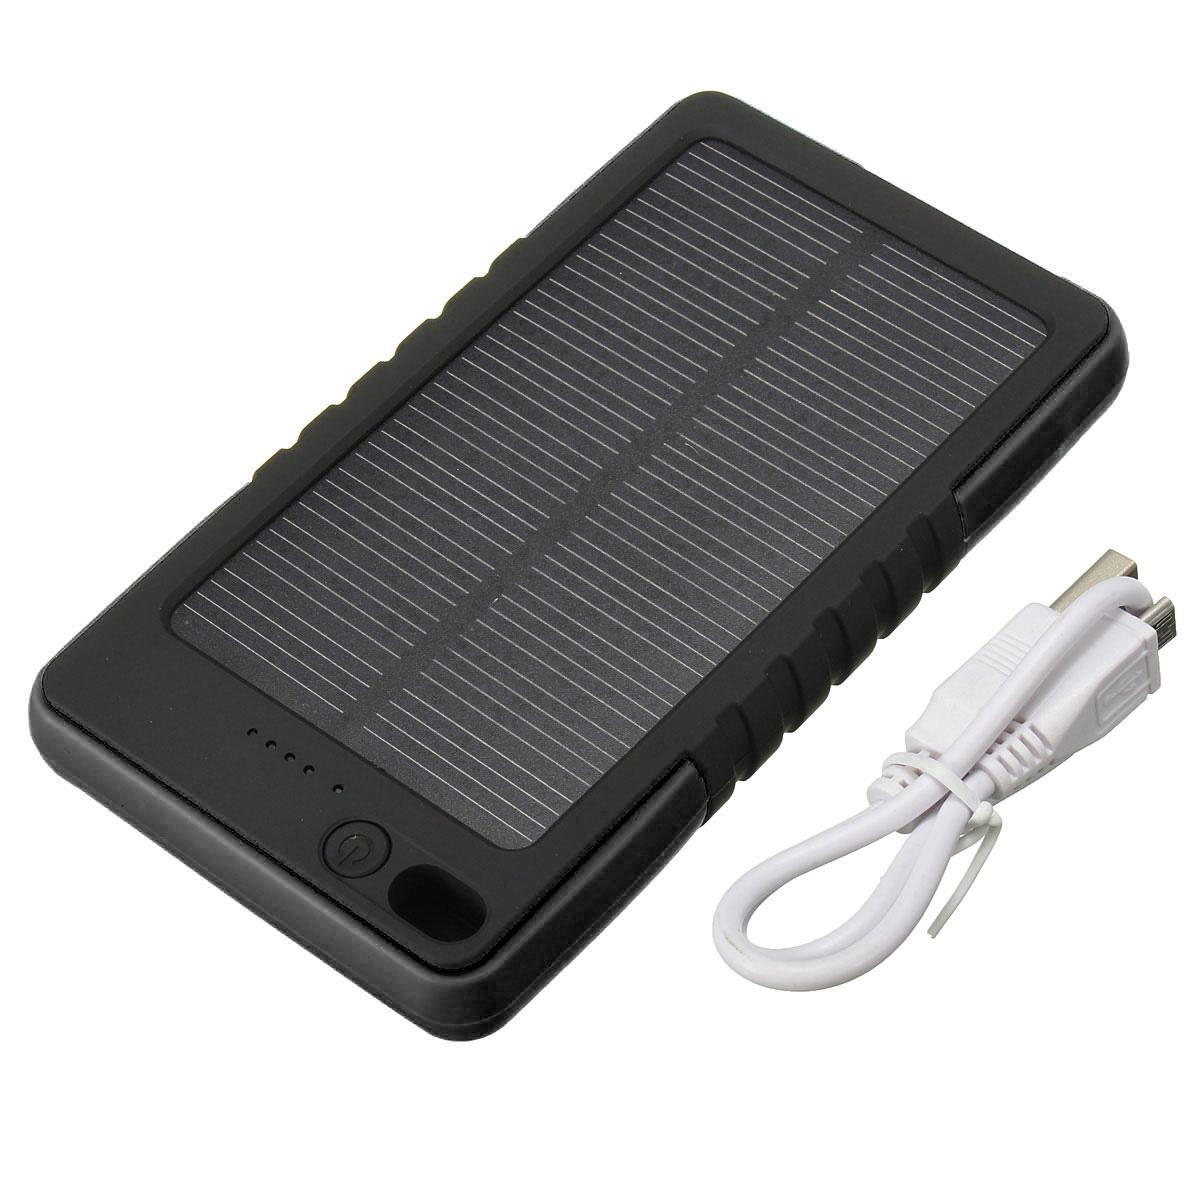 Pannello Solare Ricarica Notebook : Ma cellulare pannello solare ricarica batteria dual